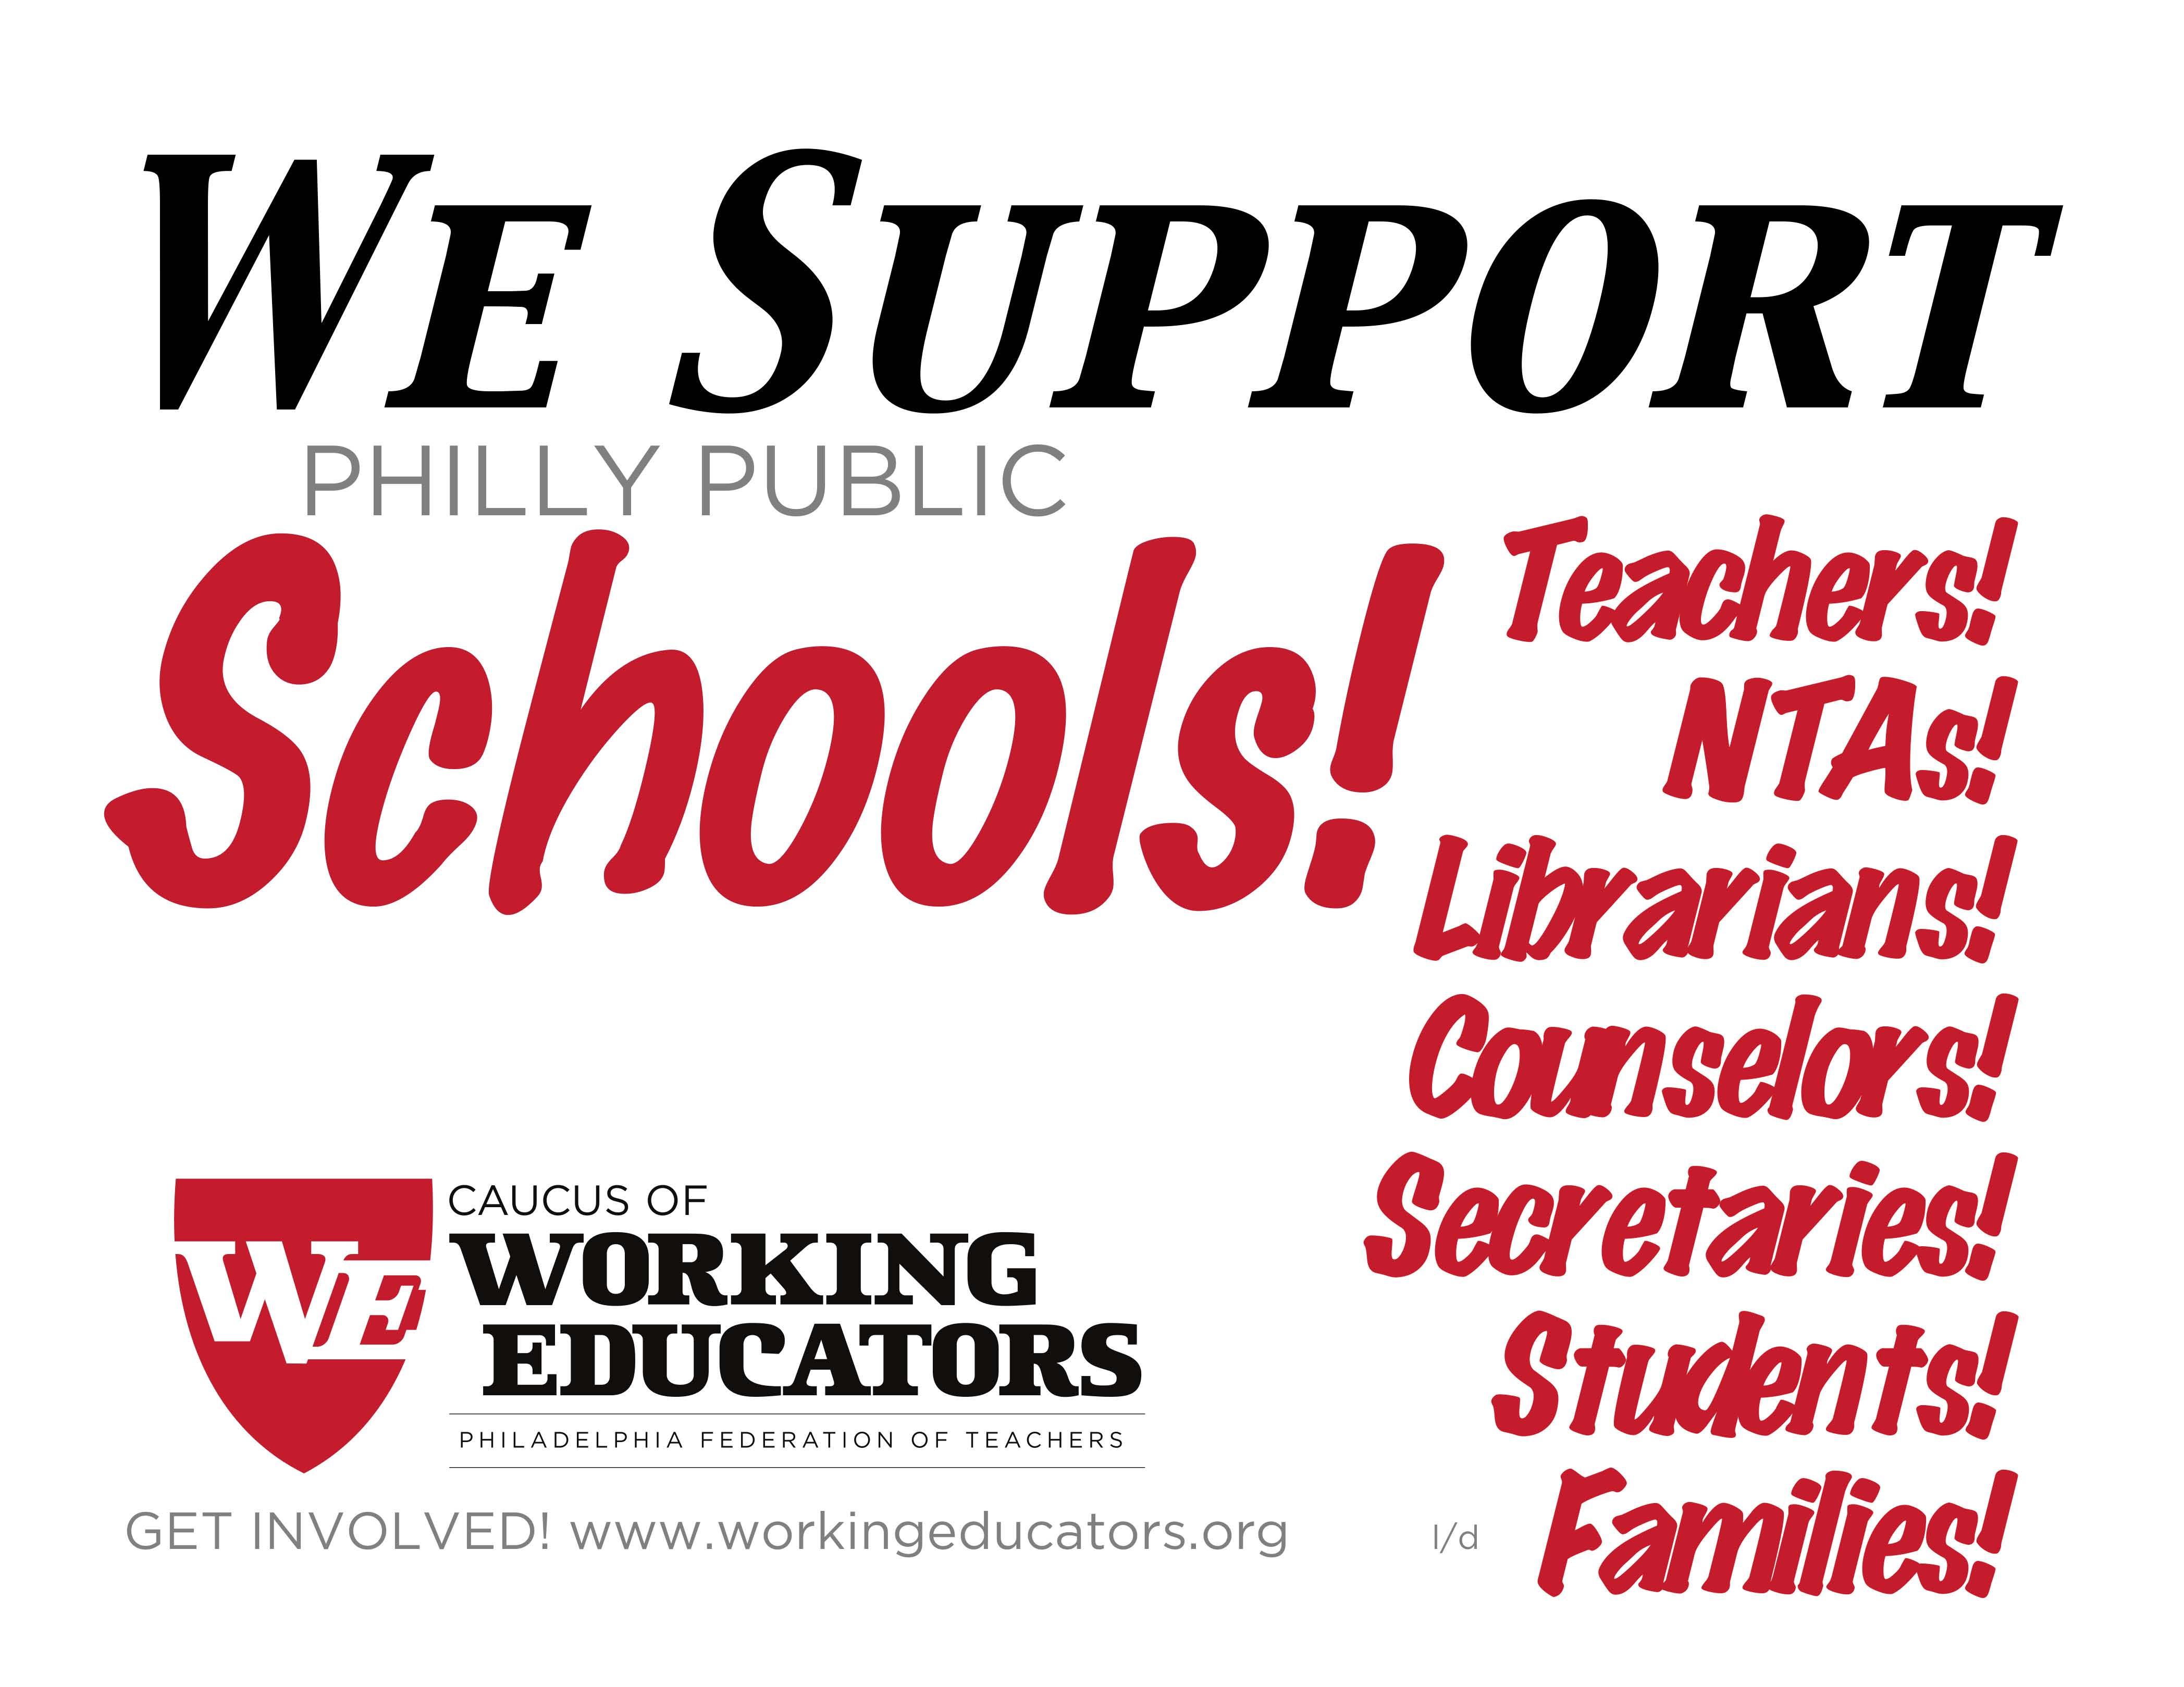 We_Support_Schools.jpg